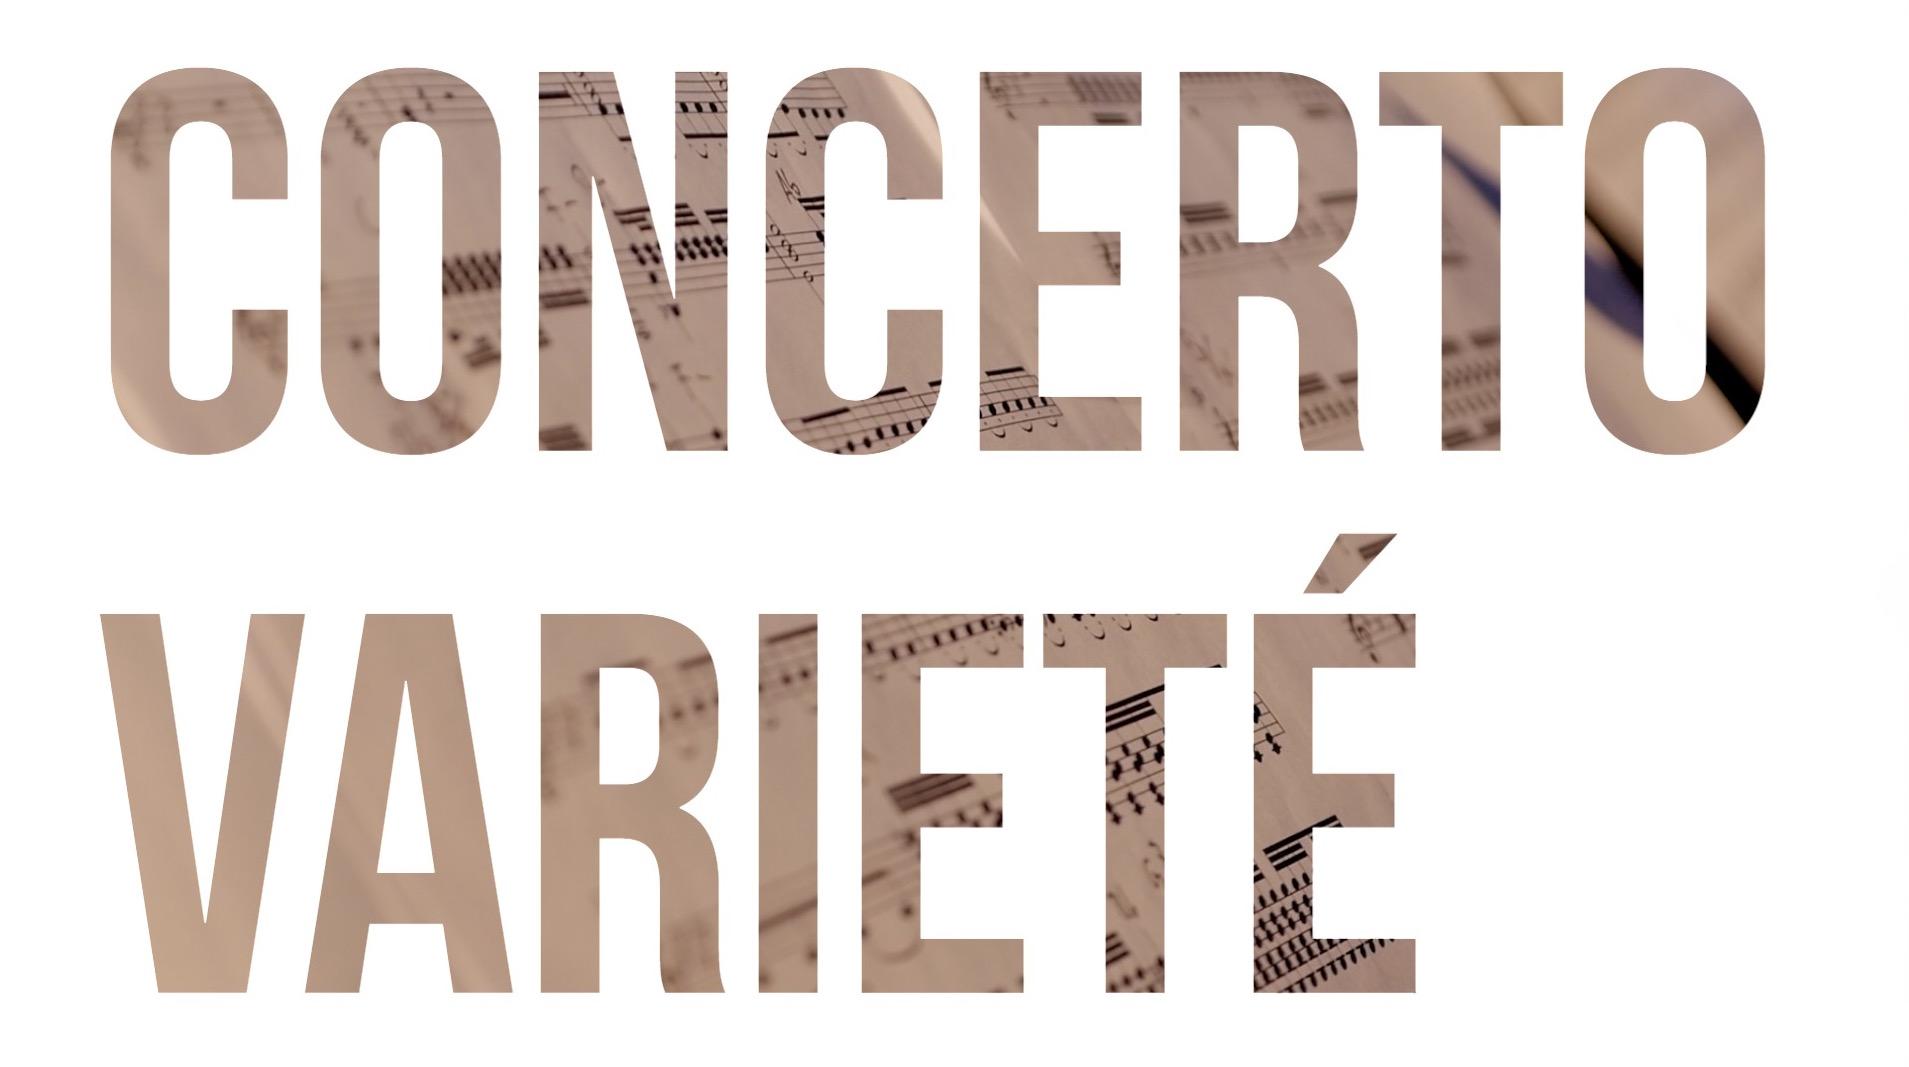 concerto+variete+website+mit+logo.jpg